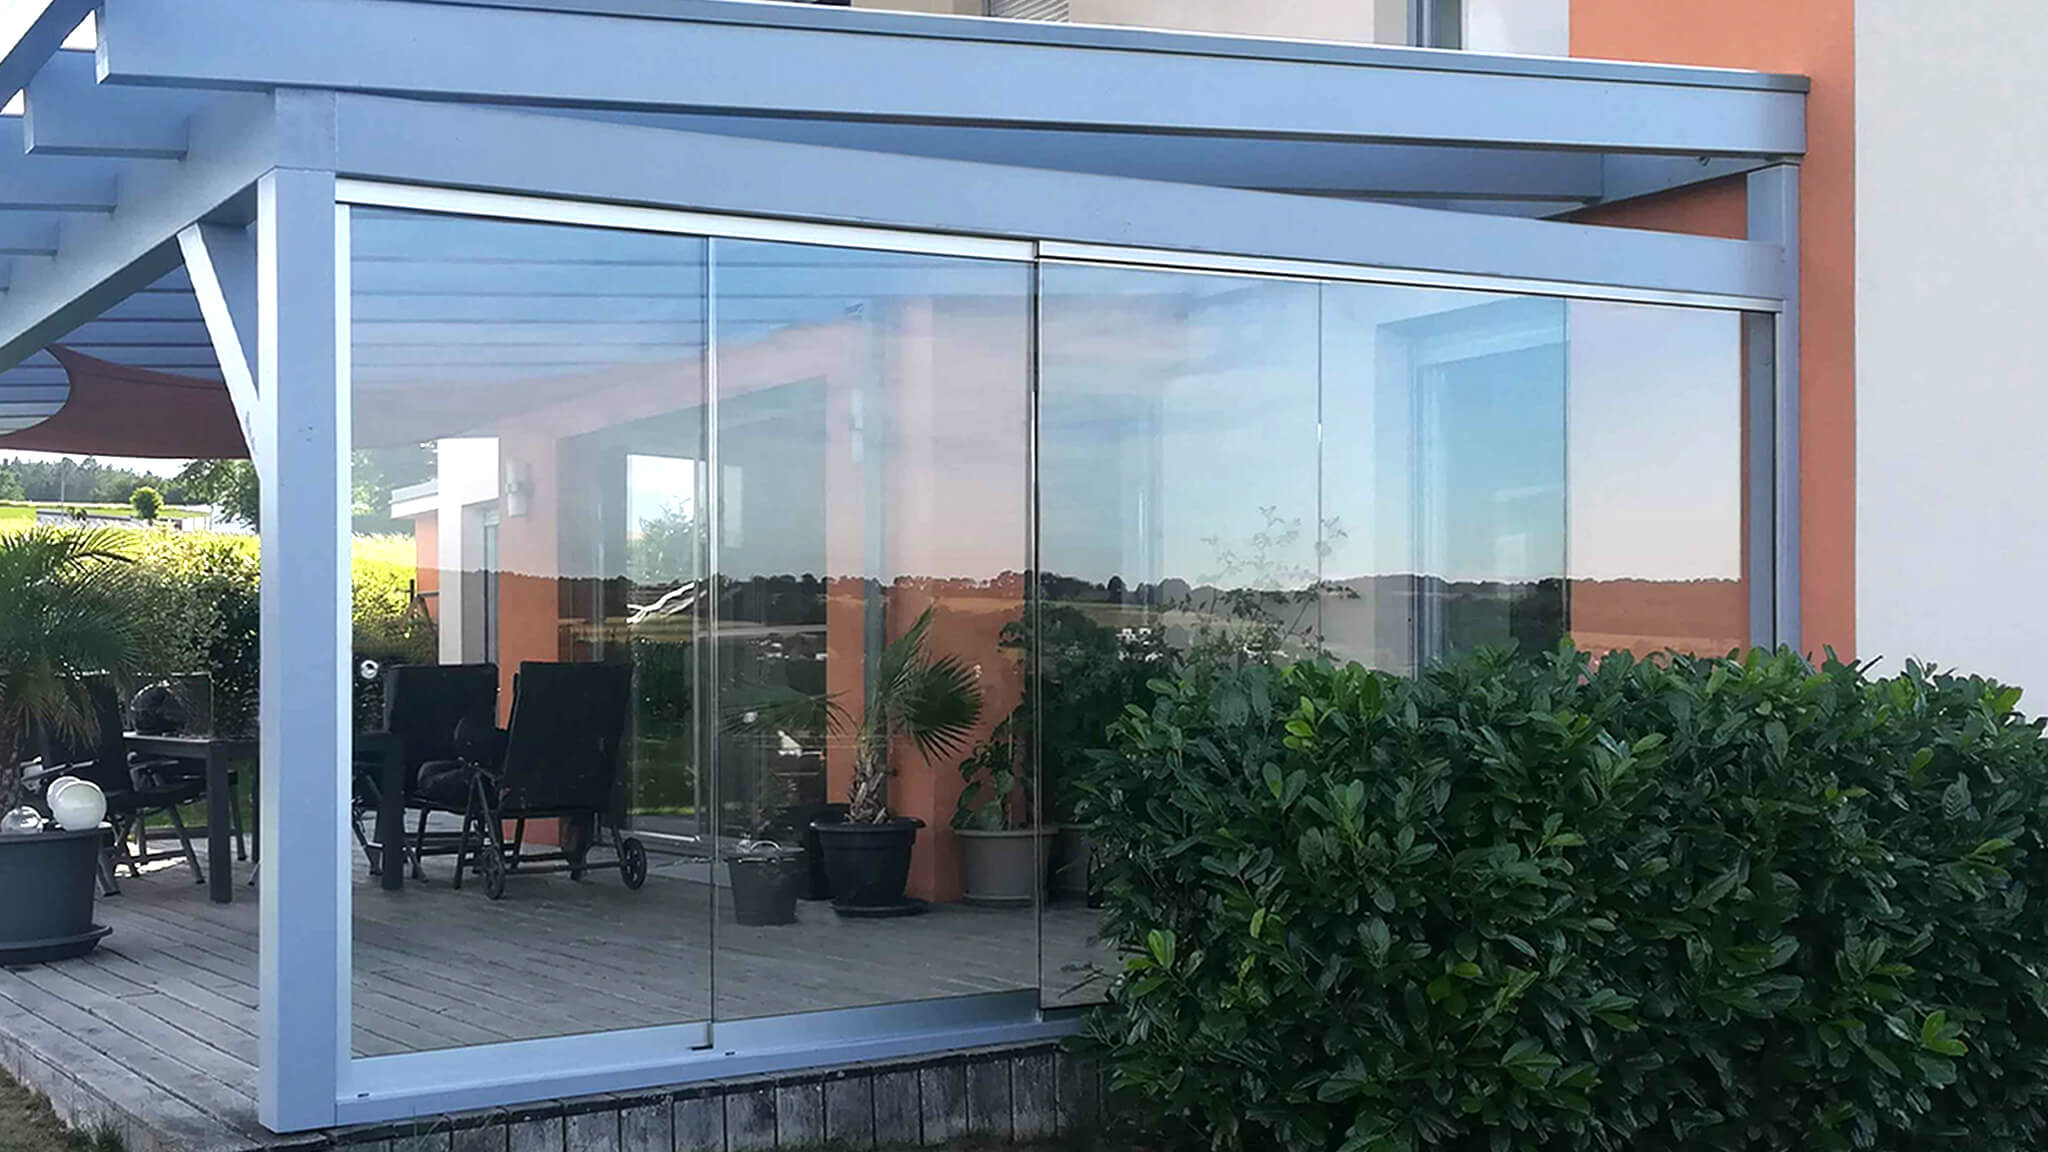 SAP Metallbau Ariane Glasschiebewand Echtglas 2048x1152 2